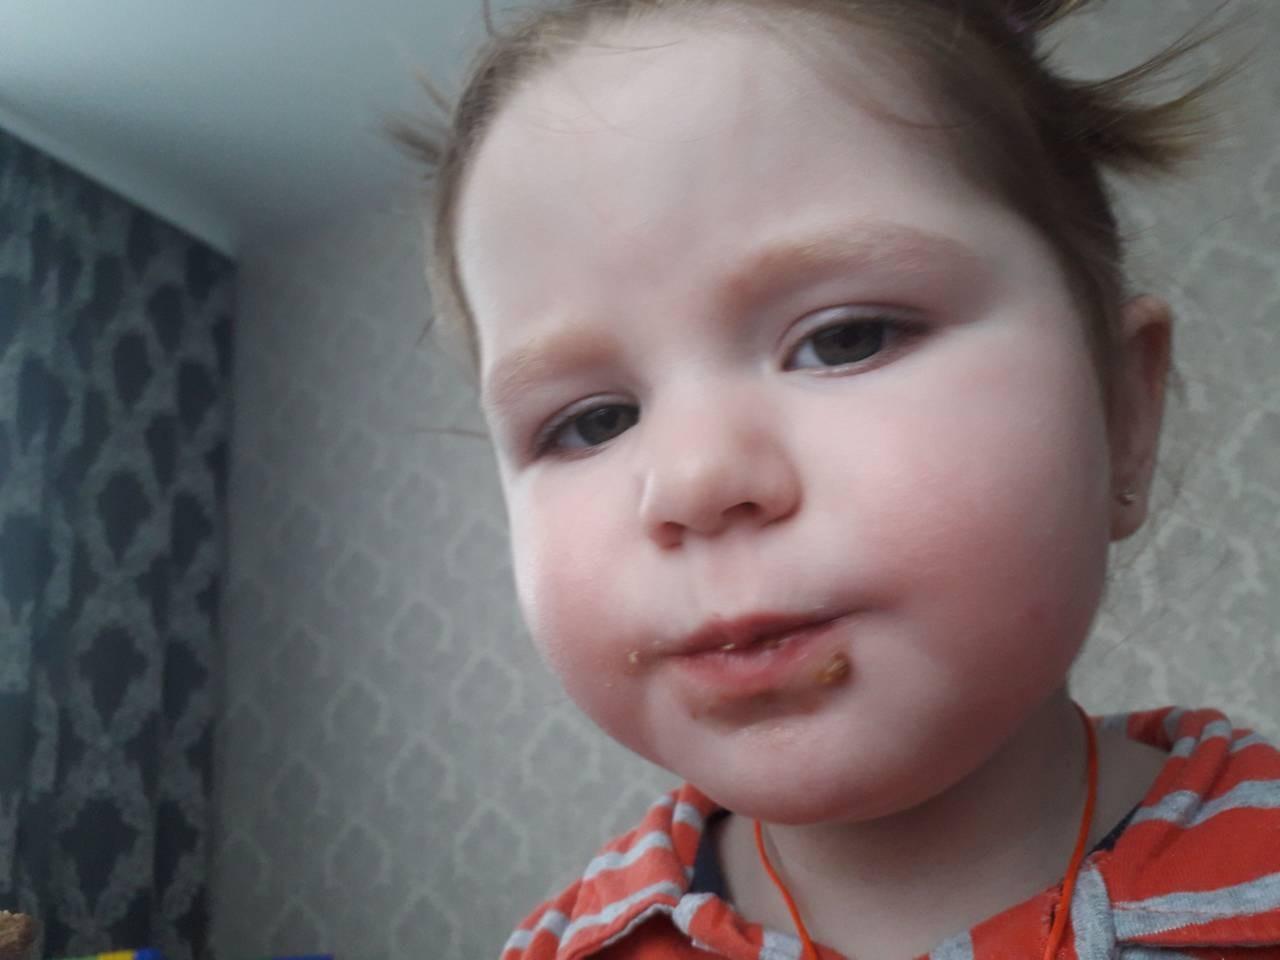 Детский нейрохирург: Метопический краниосиностоз